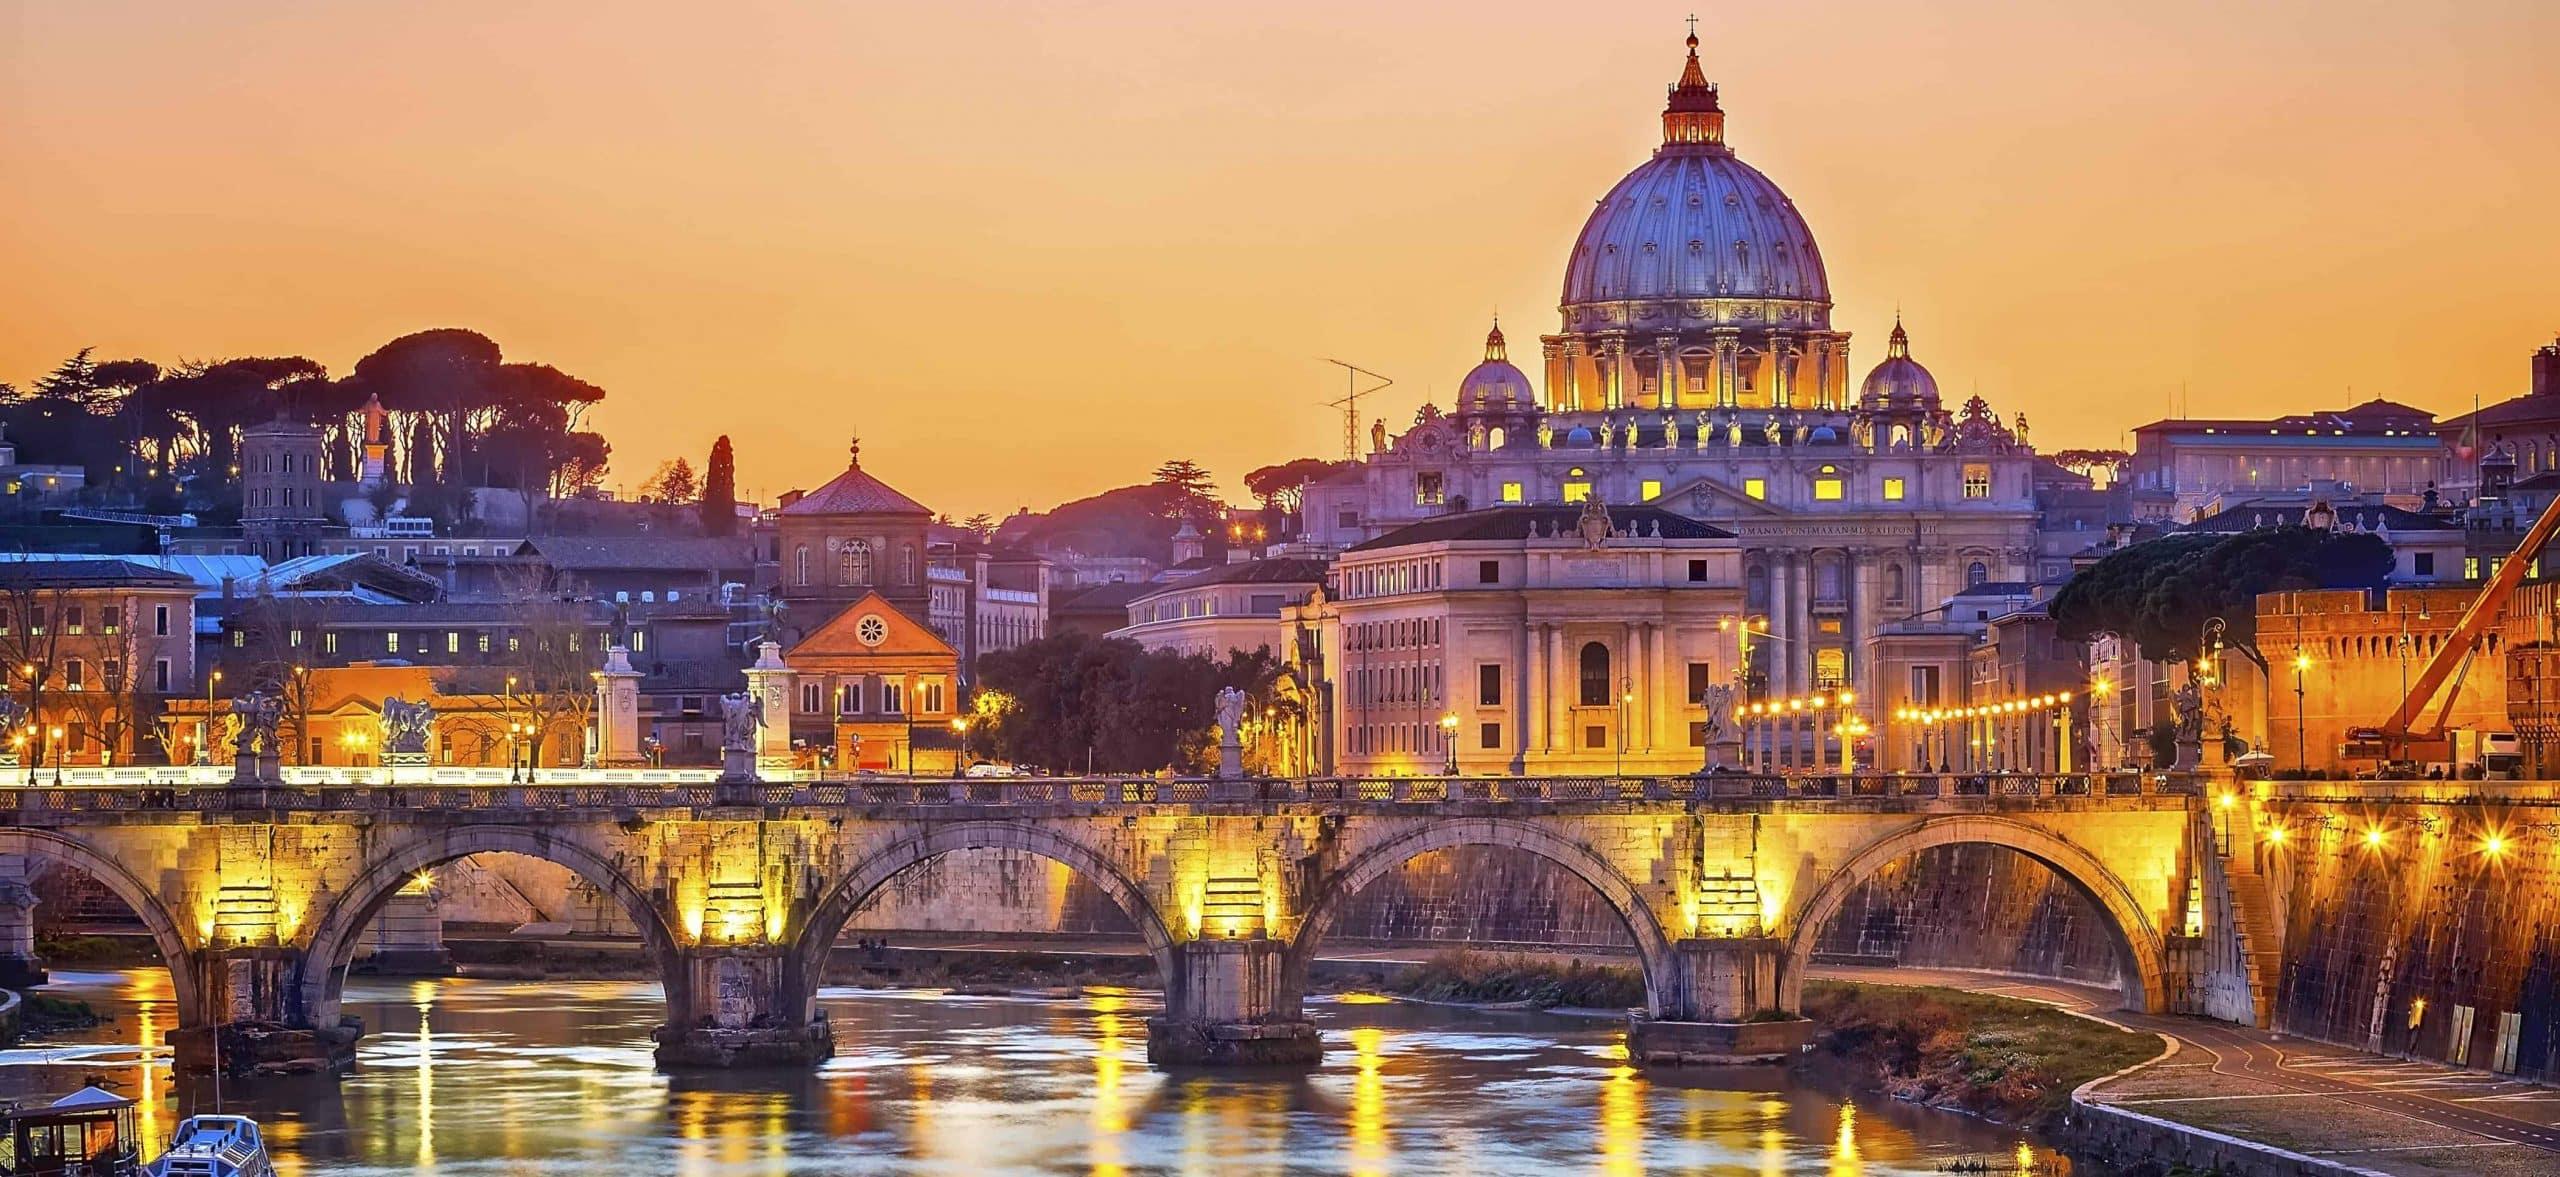 Oplev Peterskirken på rundrejse i Rom